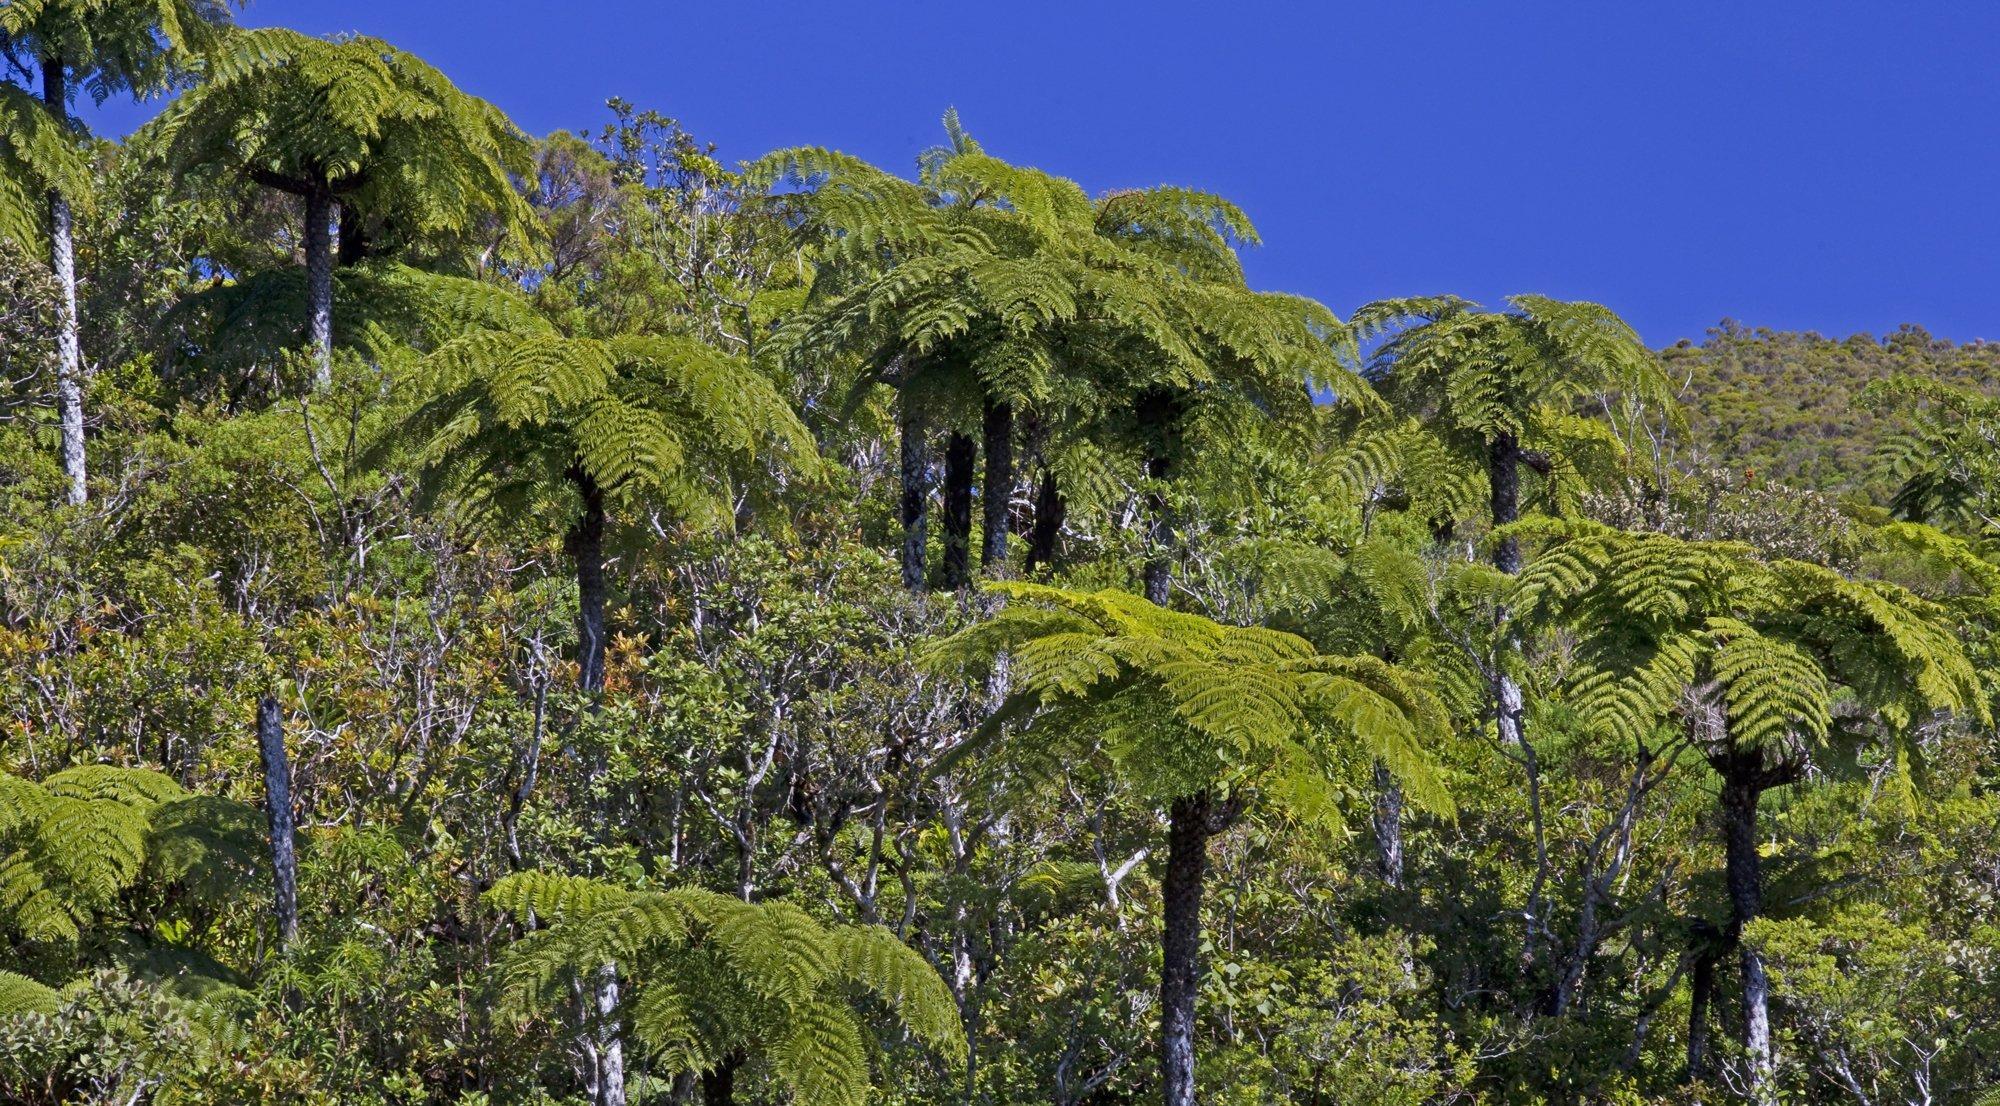 Ein Landschaftsfoto des tropischen Regenwalds auf La Reunion